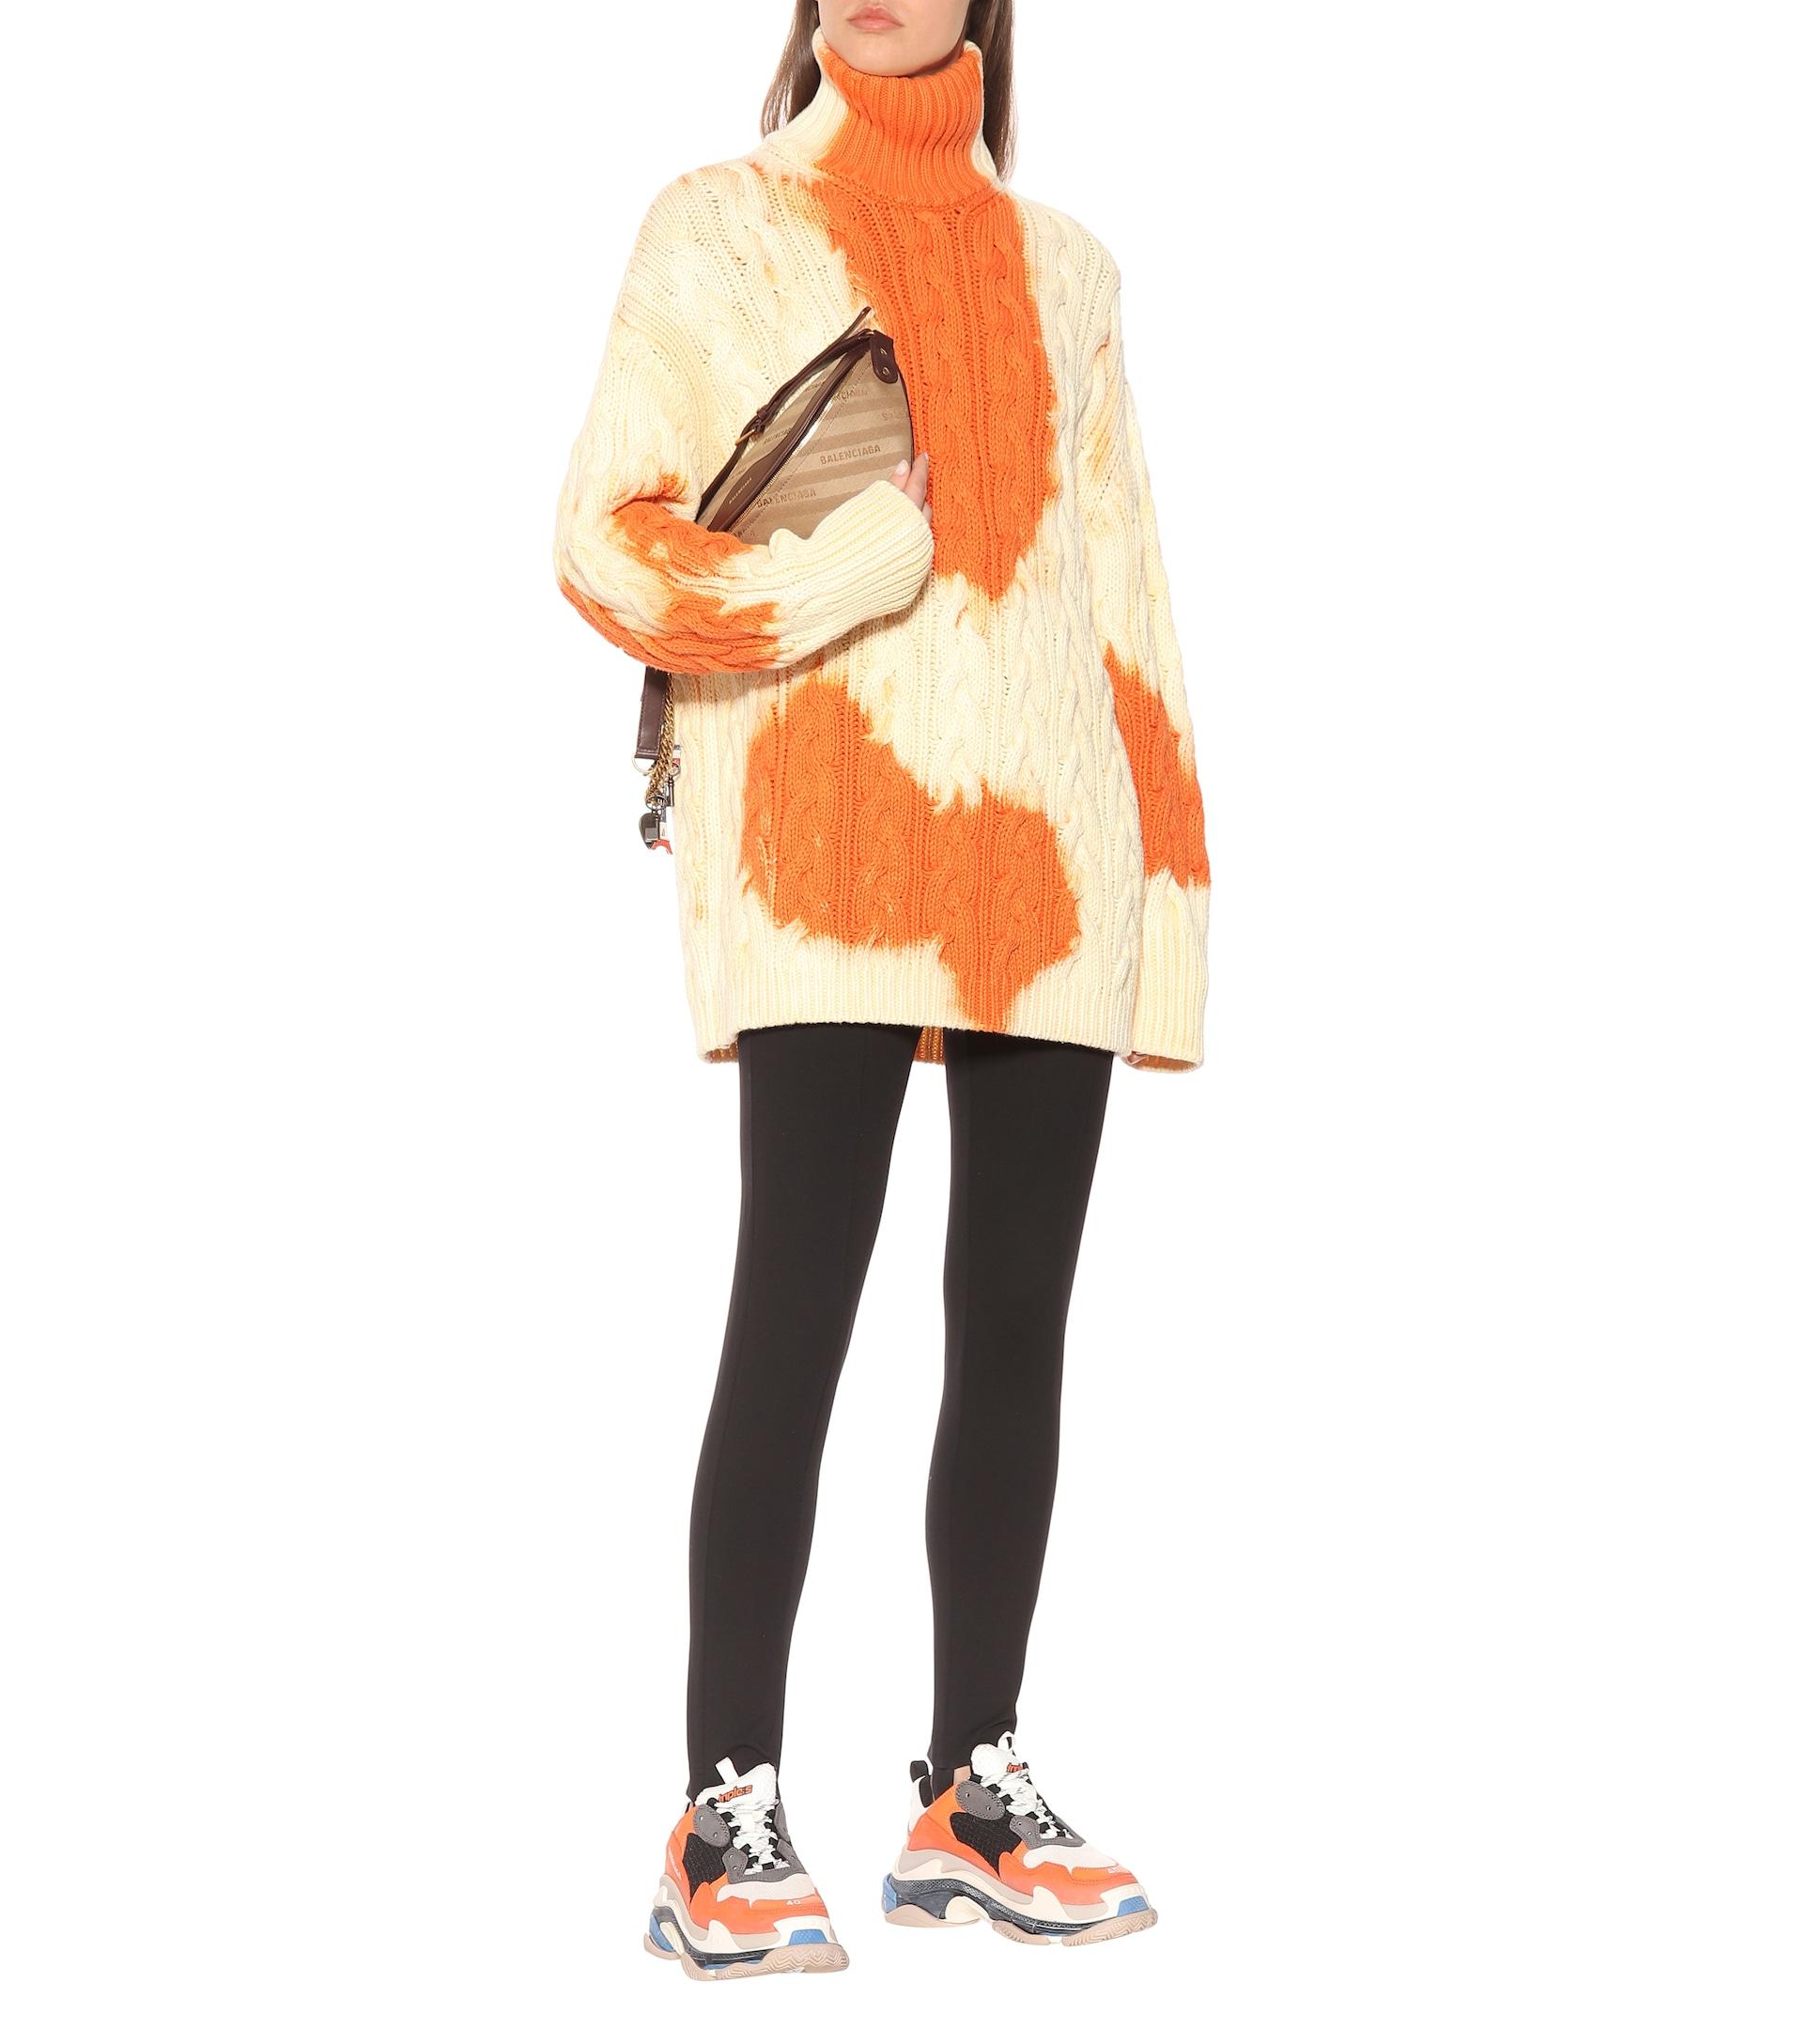 Оувърсайзд памучен пуловер Balenciaga от My Theresa, от 2 463лв. на 1 231лв.